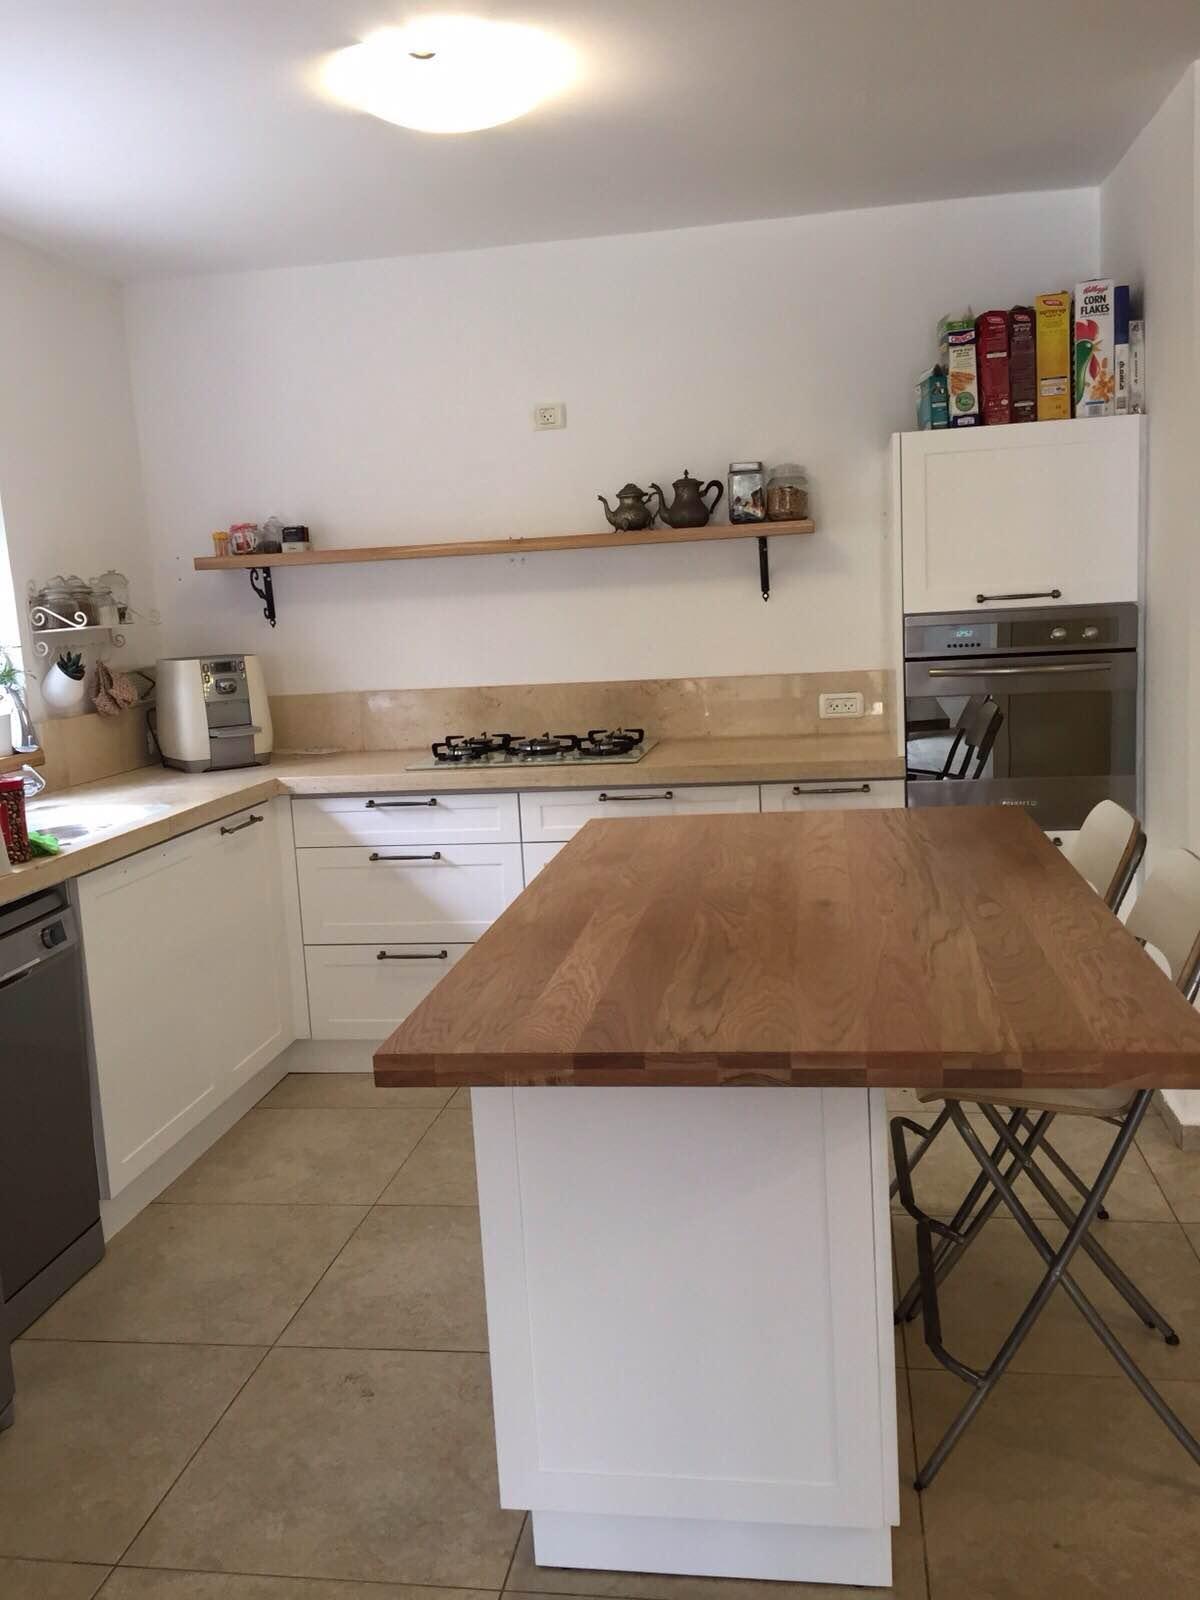 טוב מאוד ארונות מטבח - כל סוגי הארונות למטבח המושלם NX-68